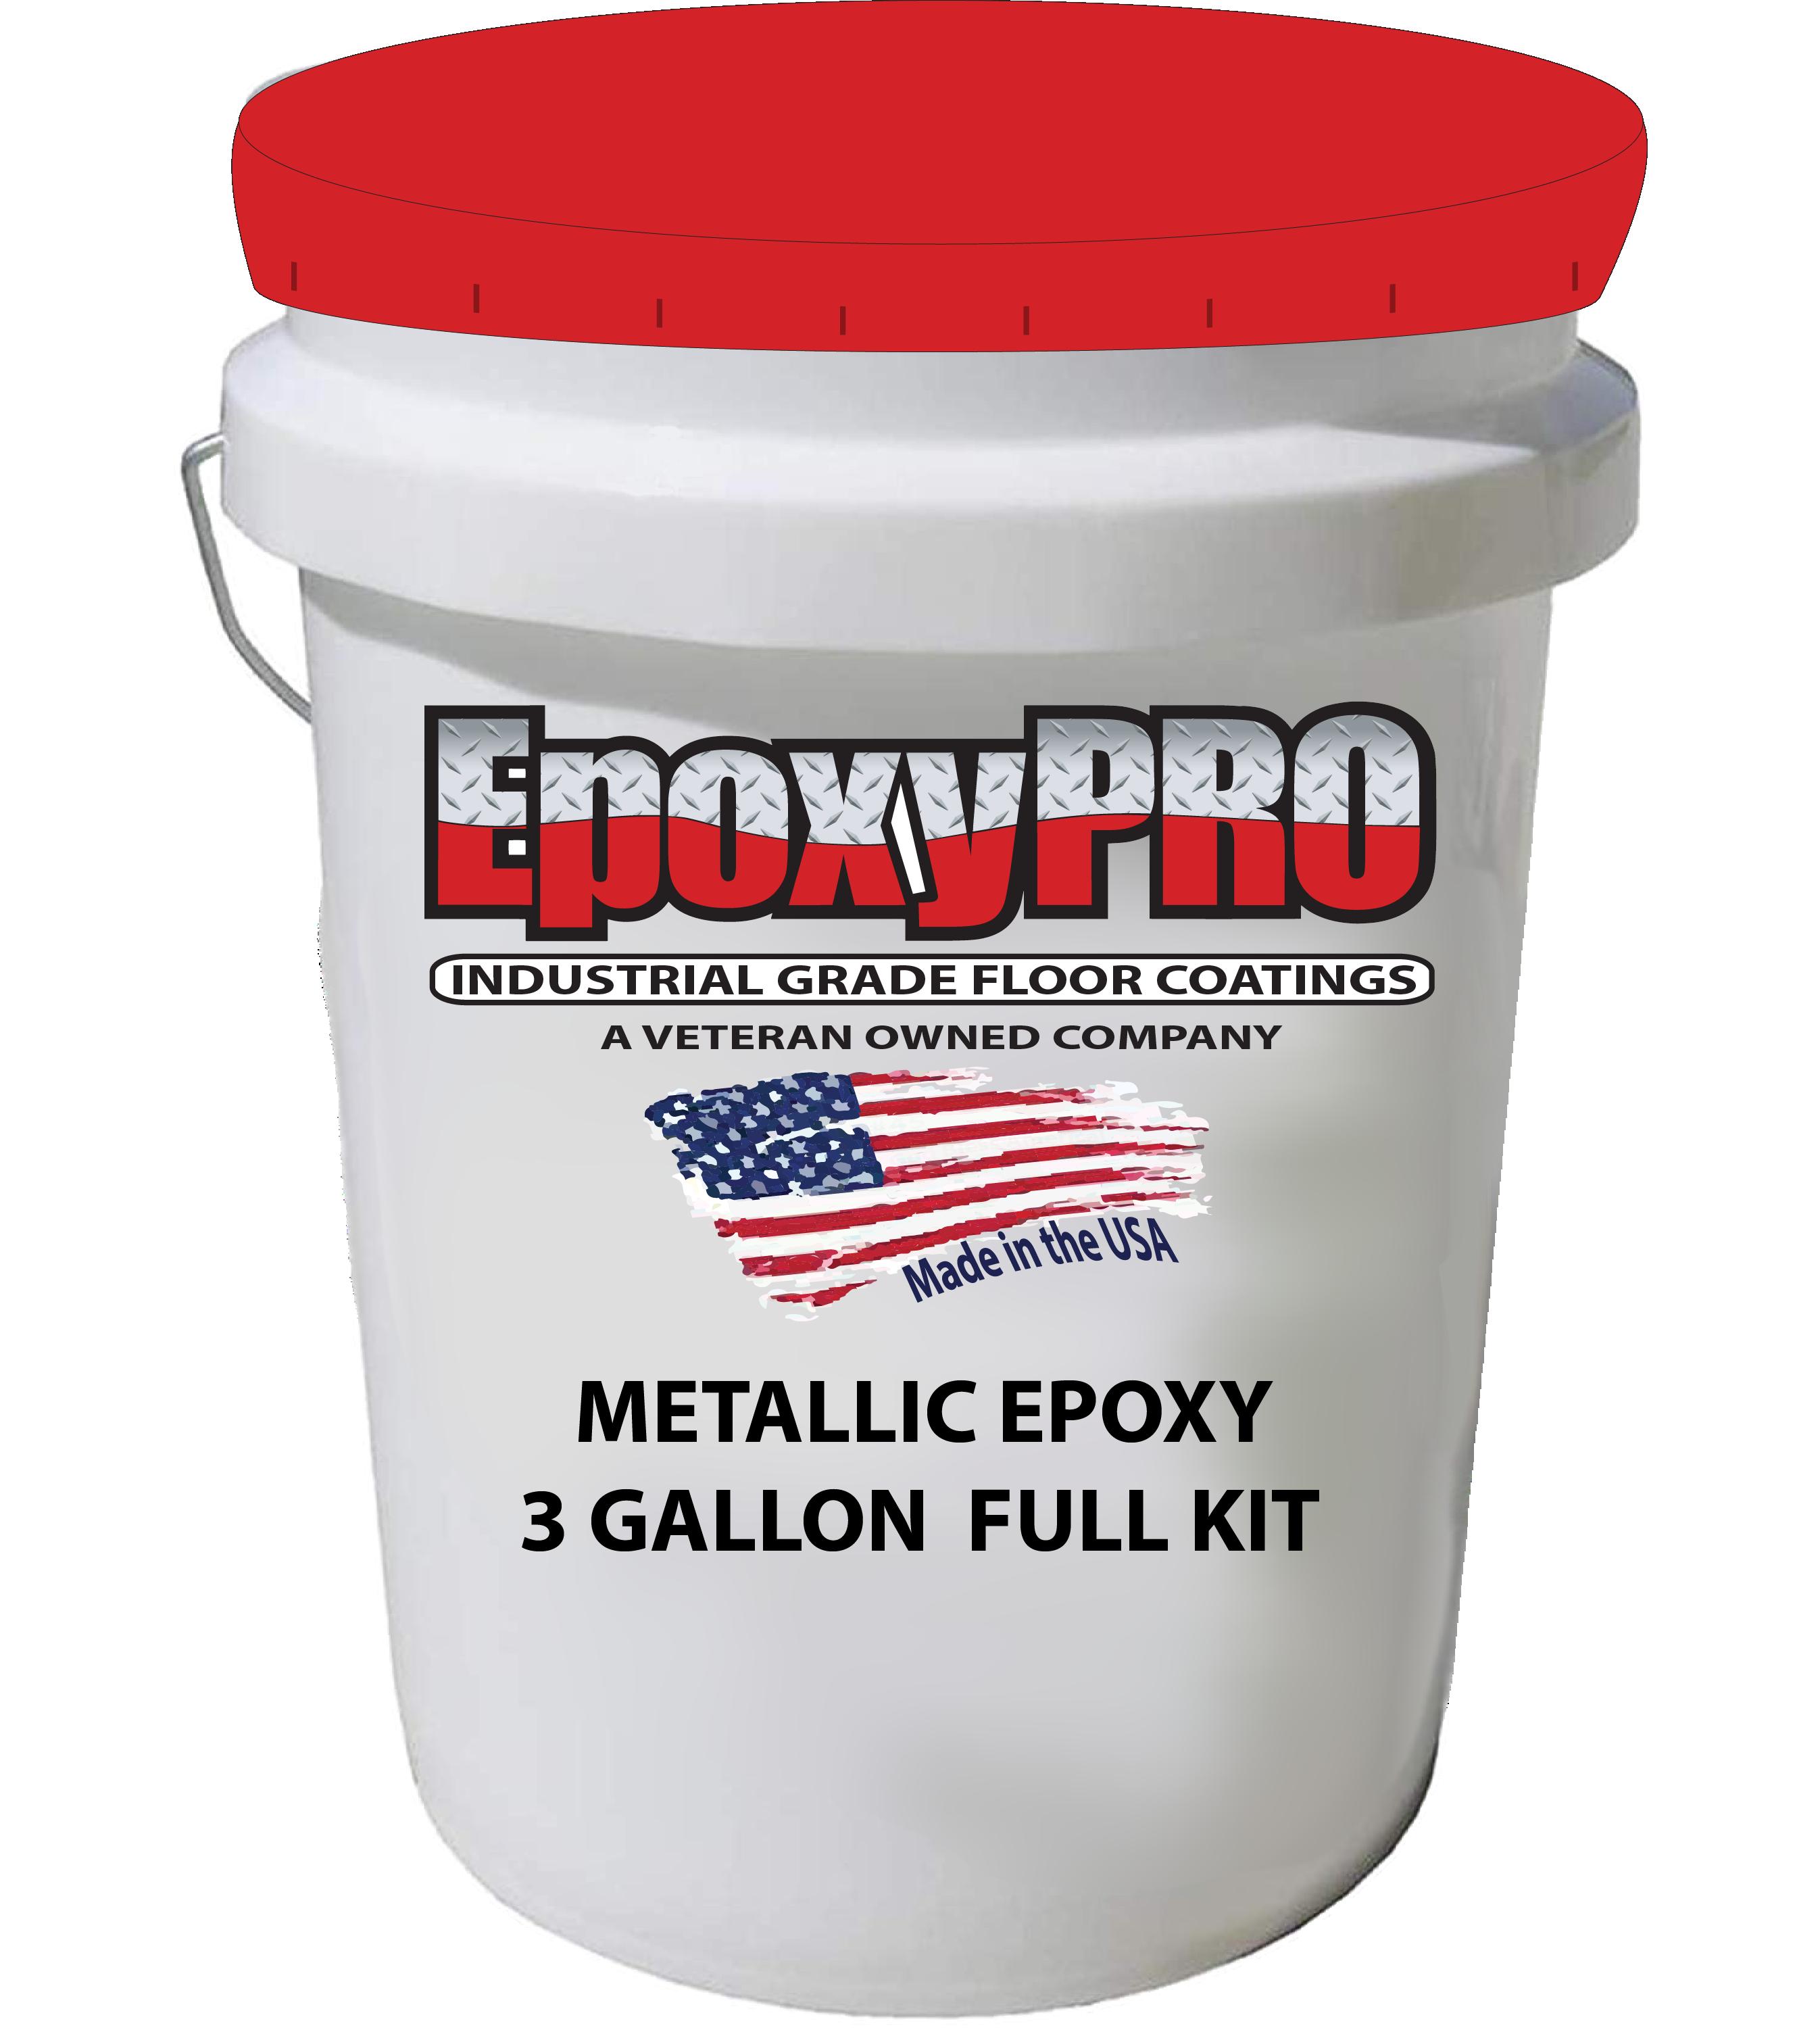 Metallic epoxy kit